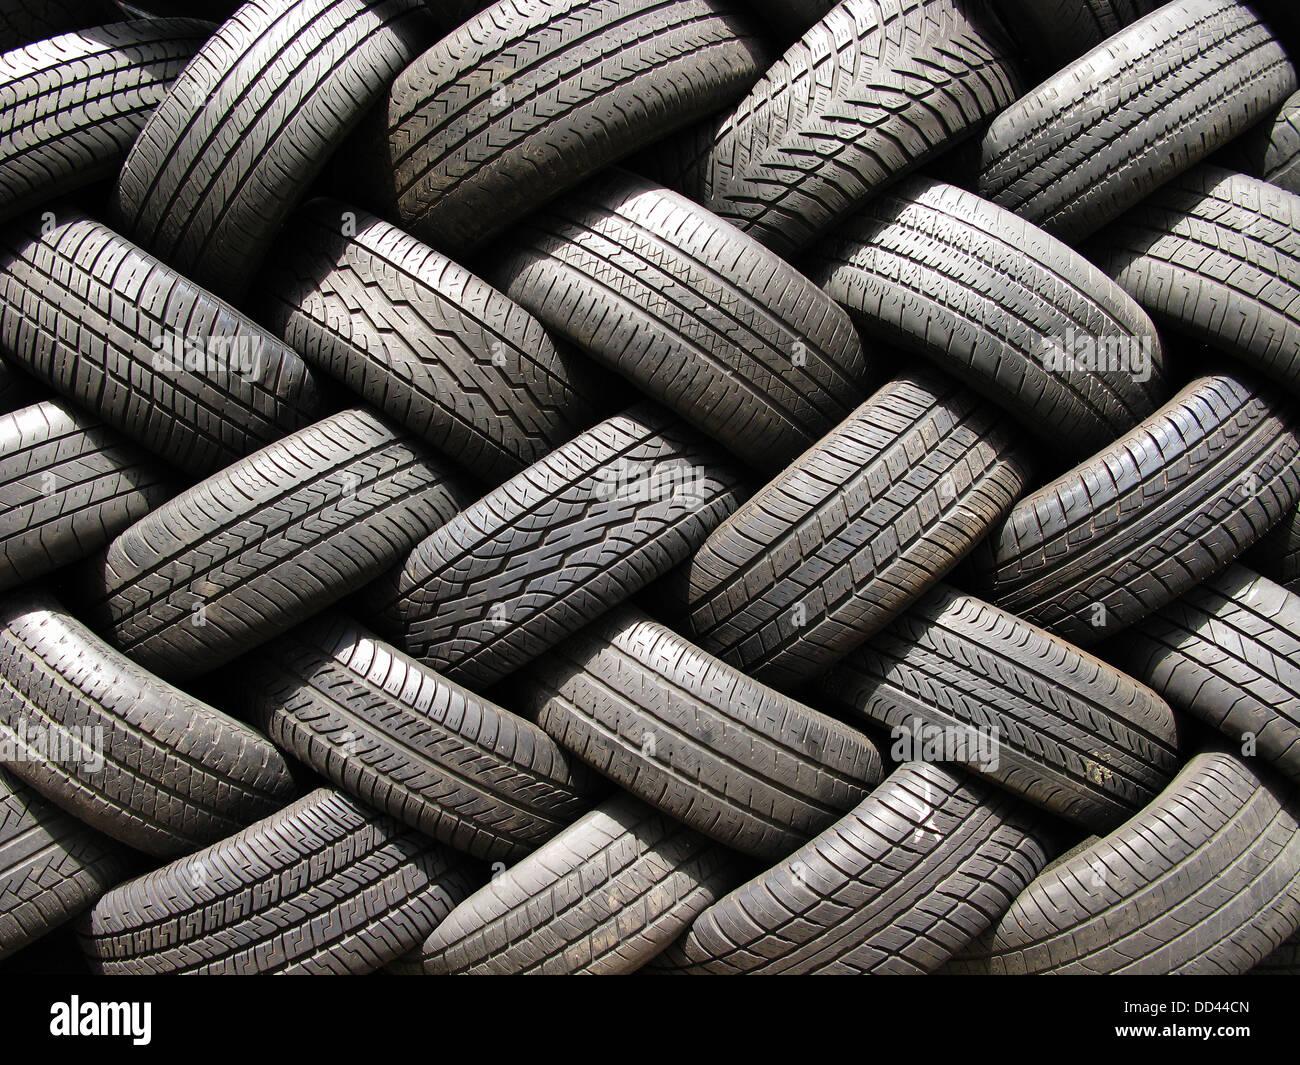 Una grande pila di utilizzato per autoveicoli Pneumatici per auto. Immagini Stock